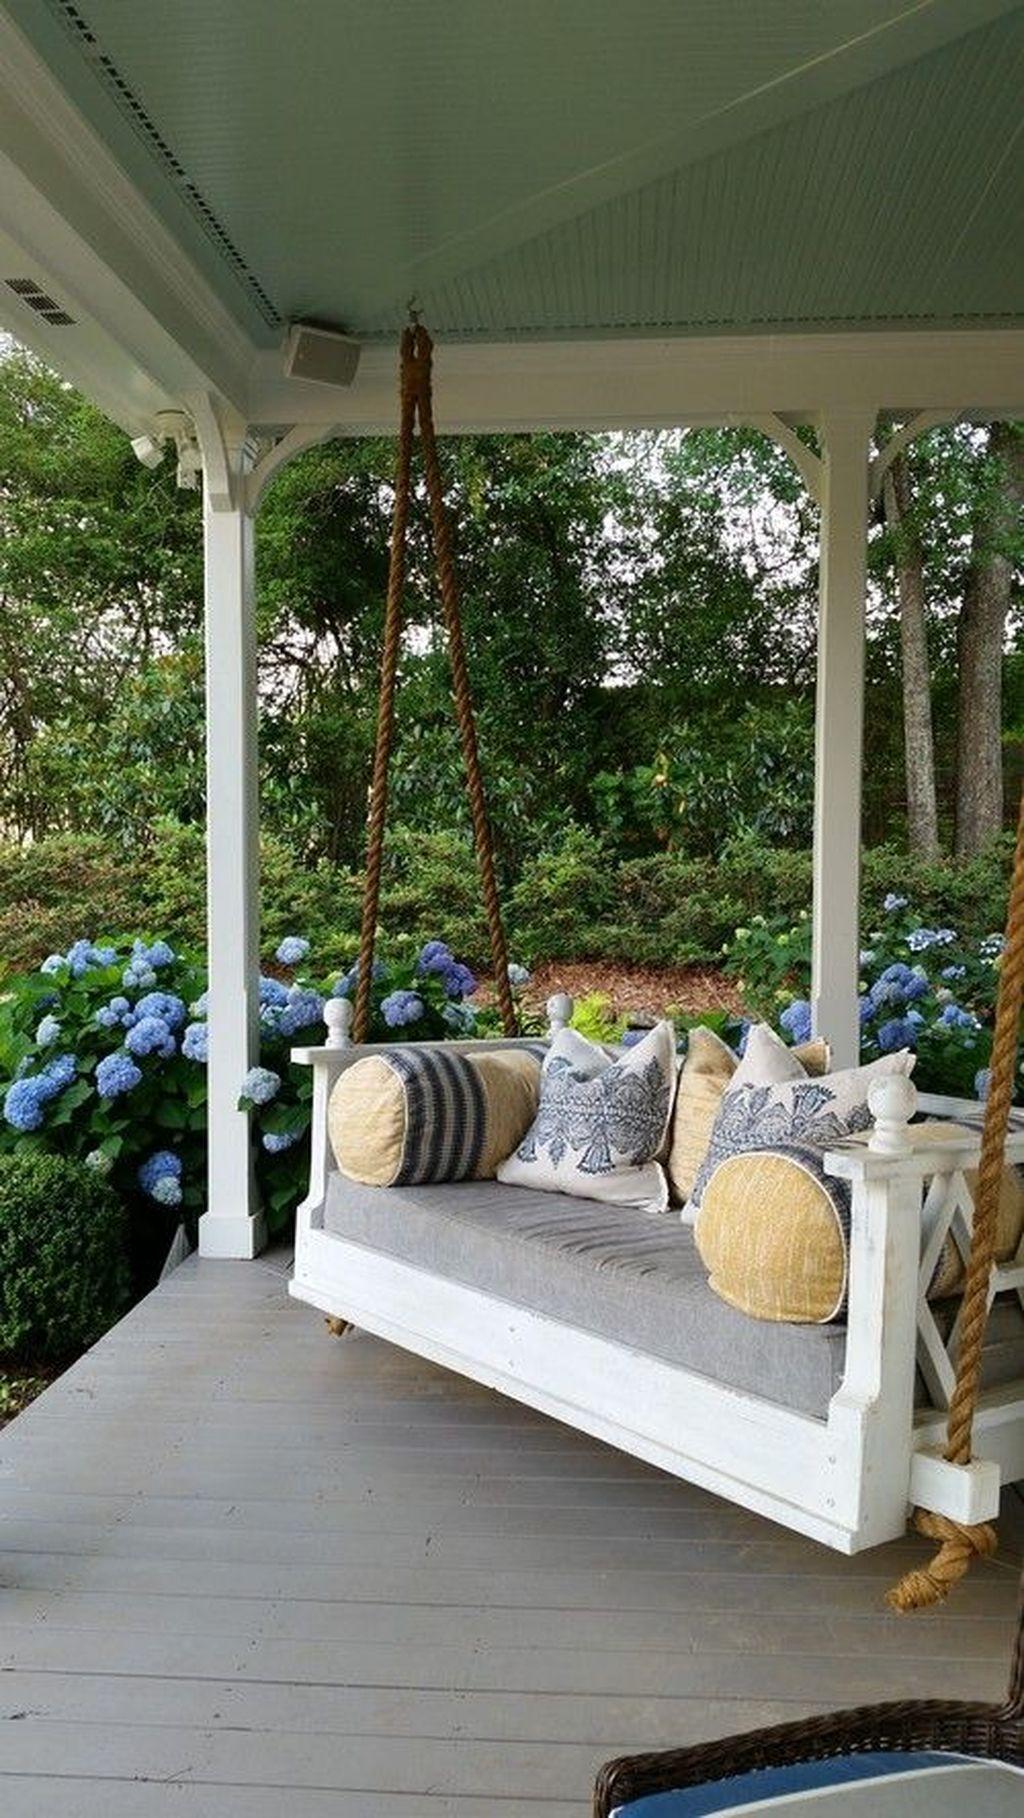 Hangebett garten - Garten hangeschaukel ...